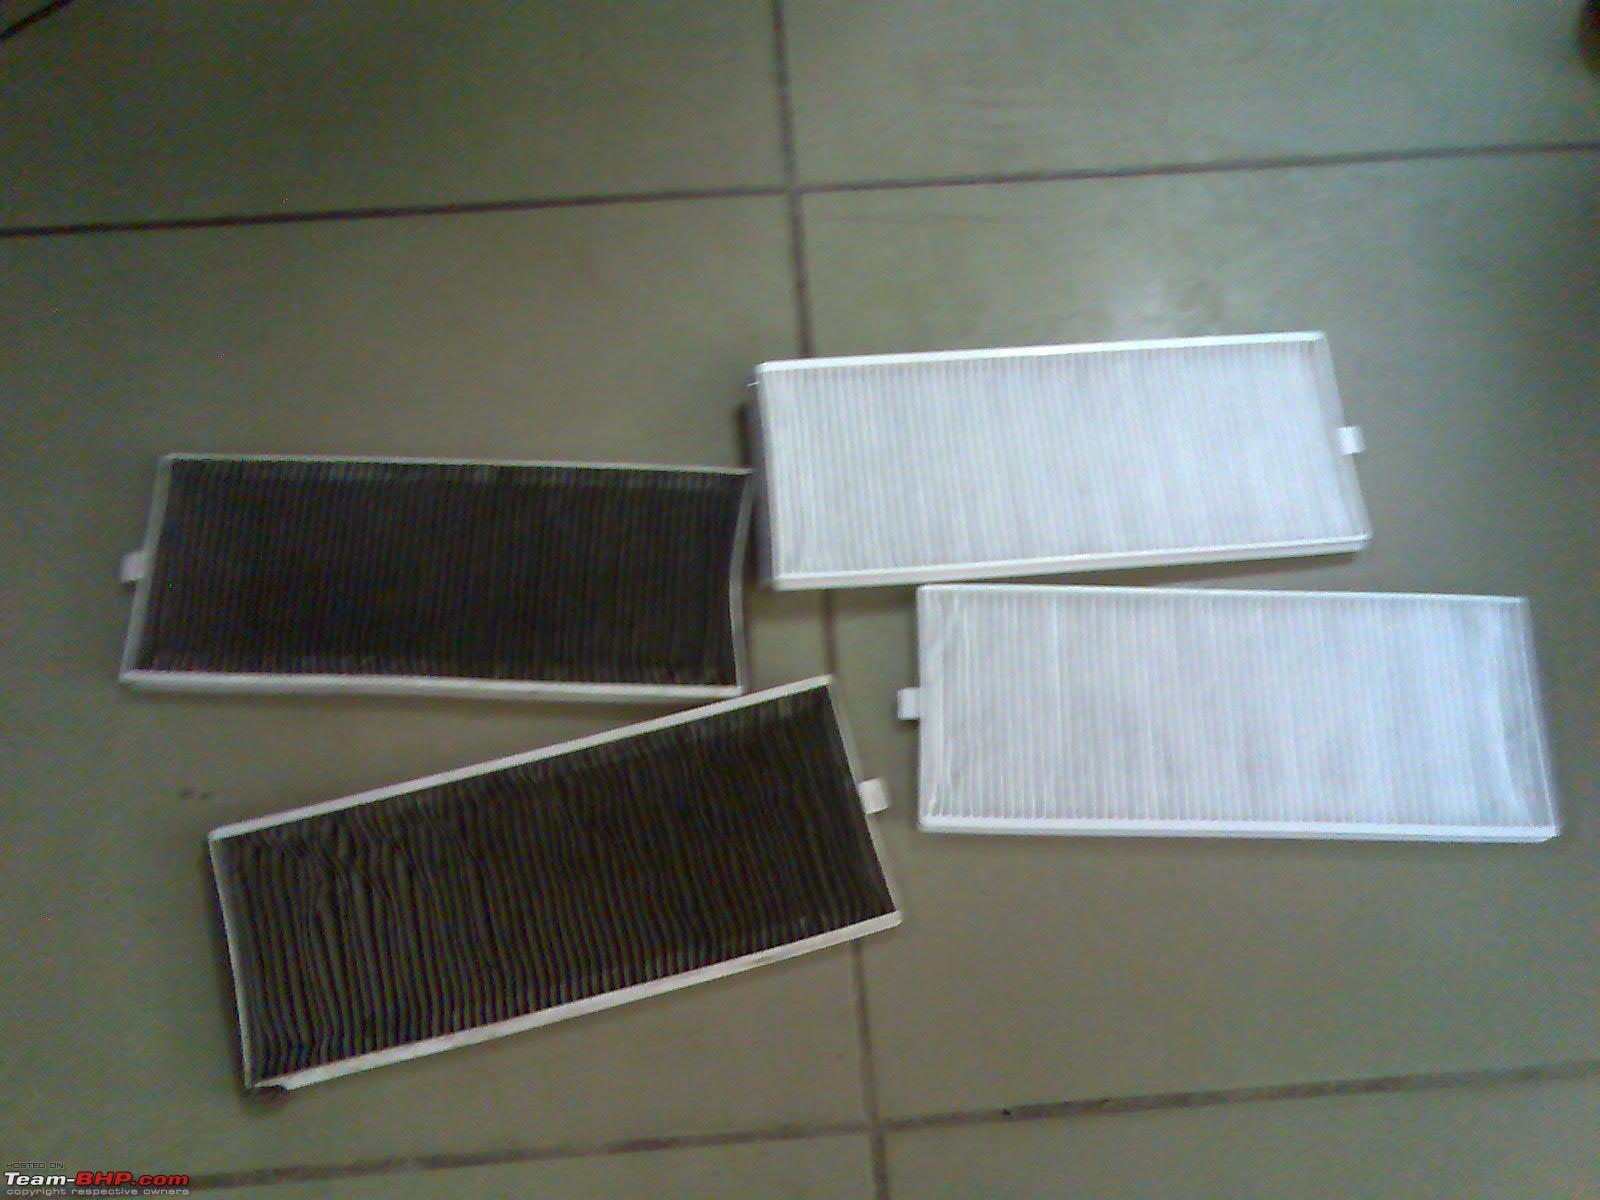 Getz Air Conditioning Improvement Team Bhp